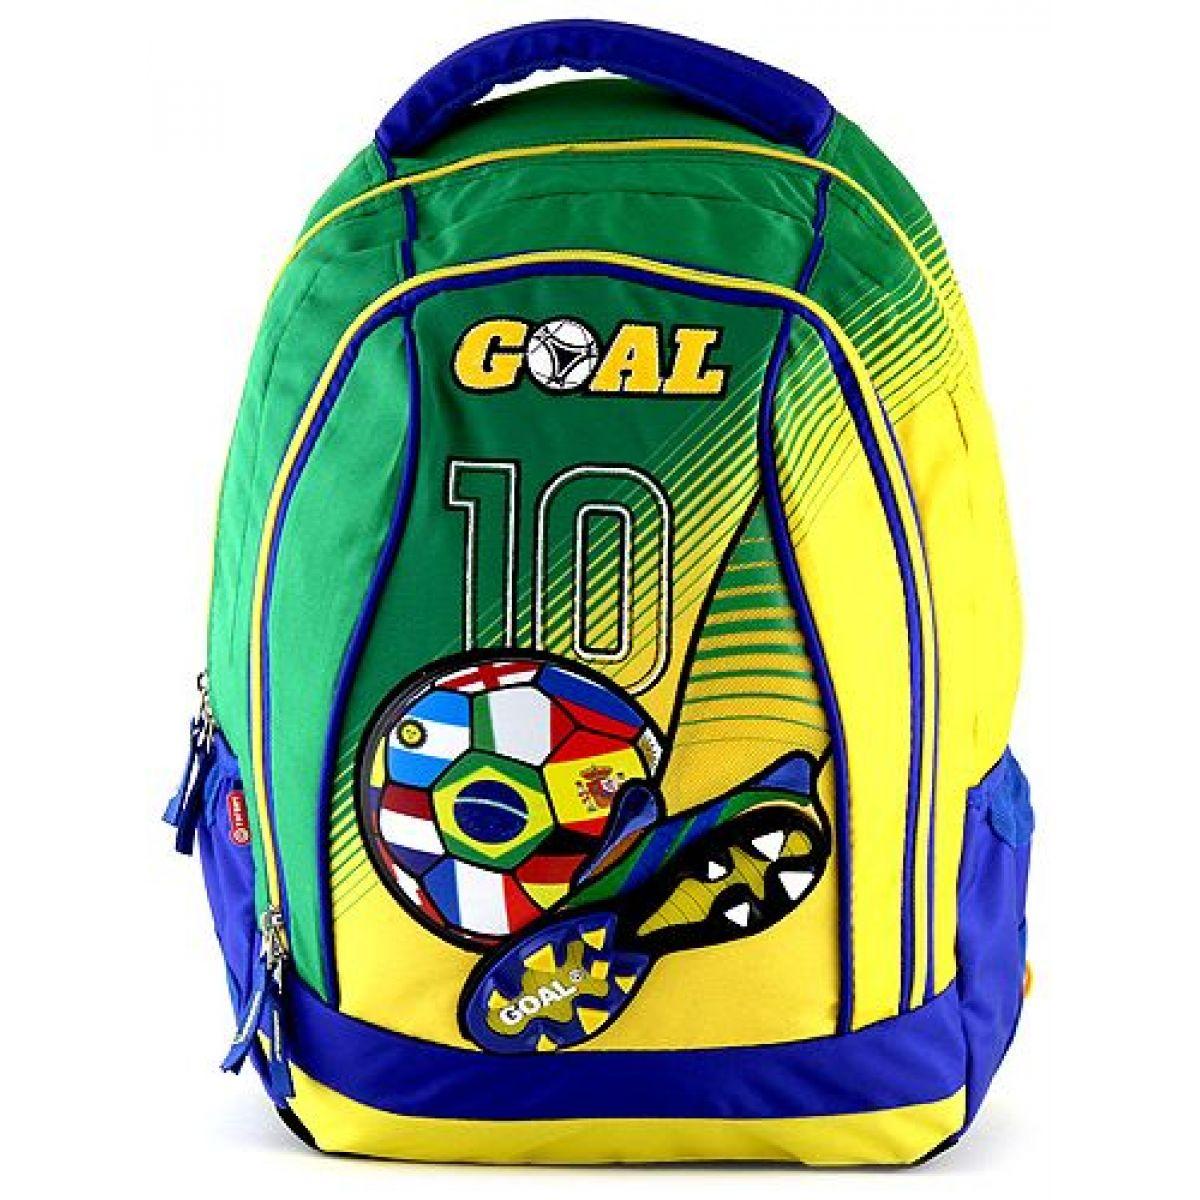 Target Batoh detský Futbal žltozelený